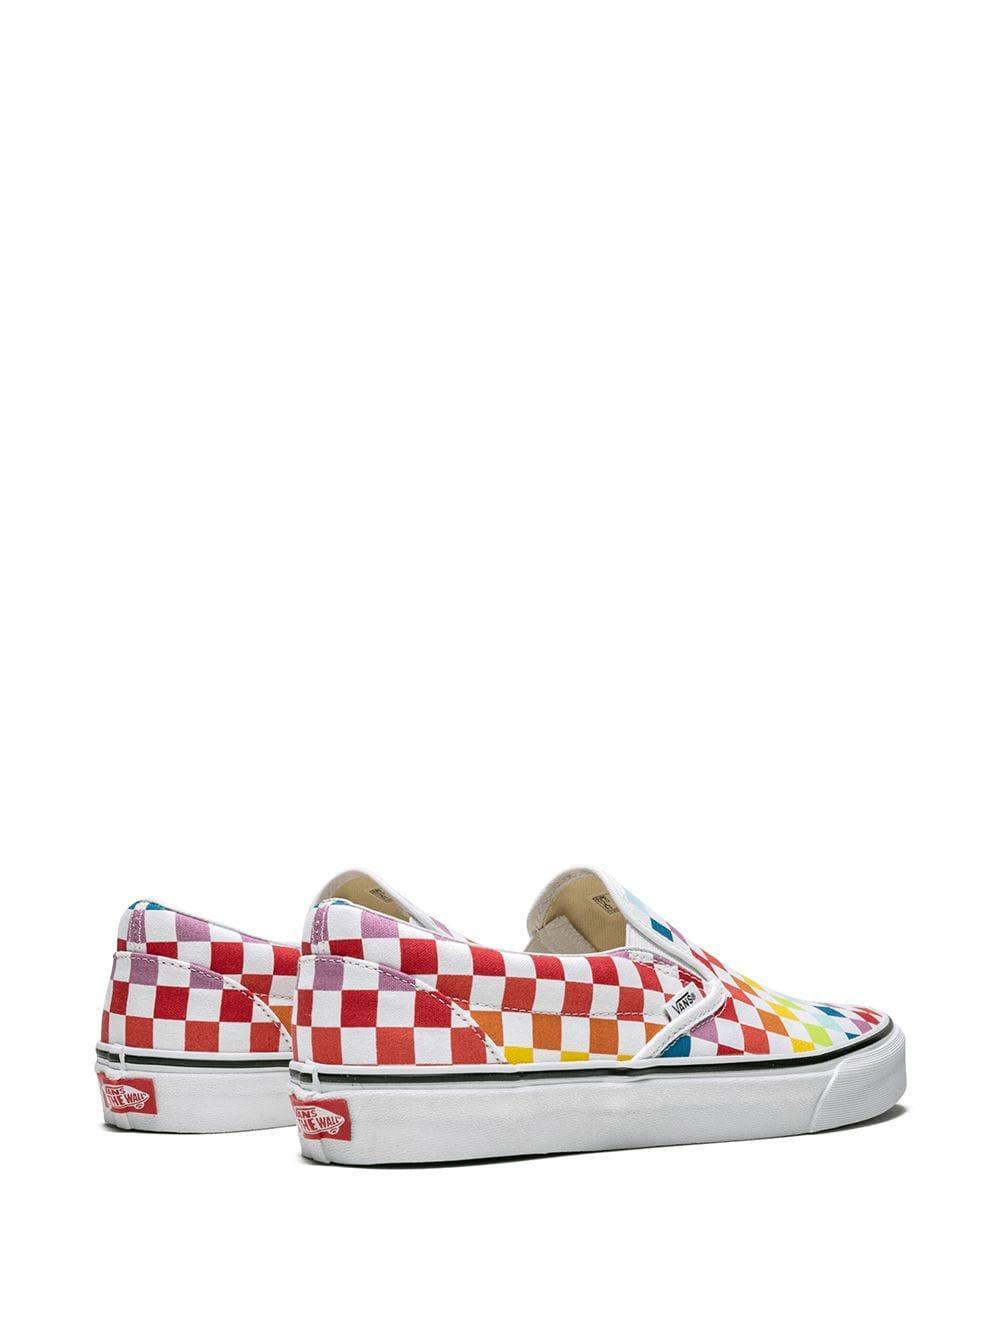 Chaussures de skate à carreaux